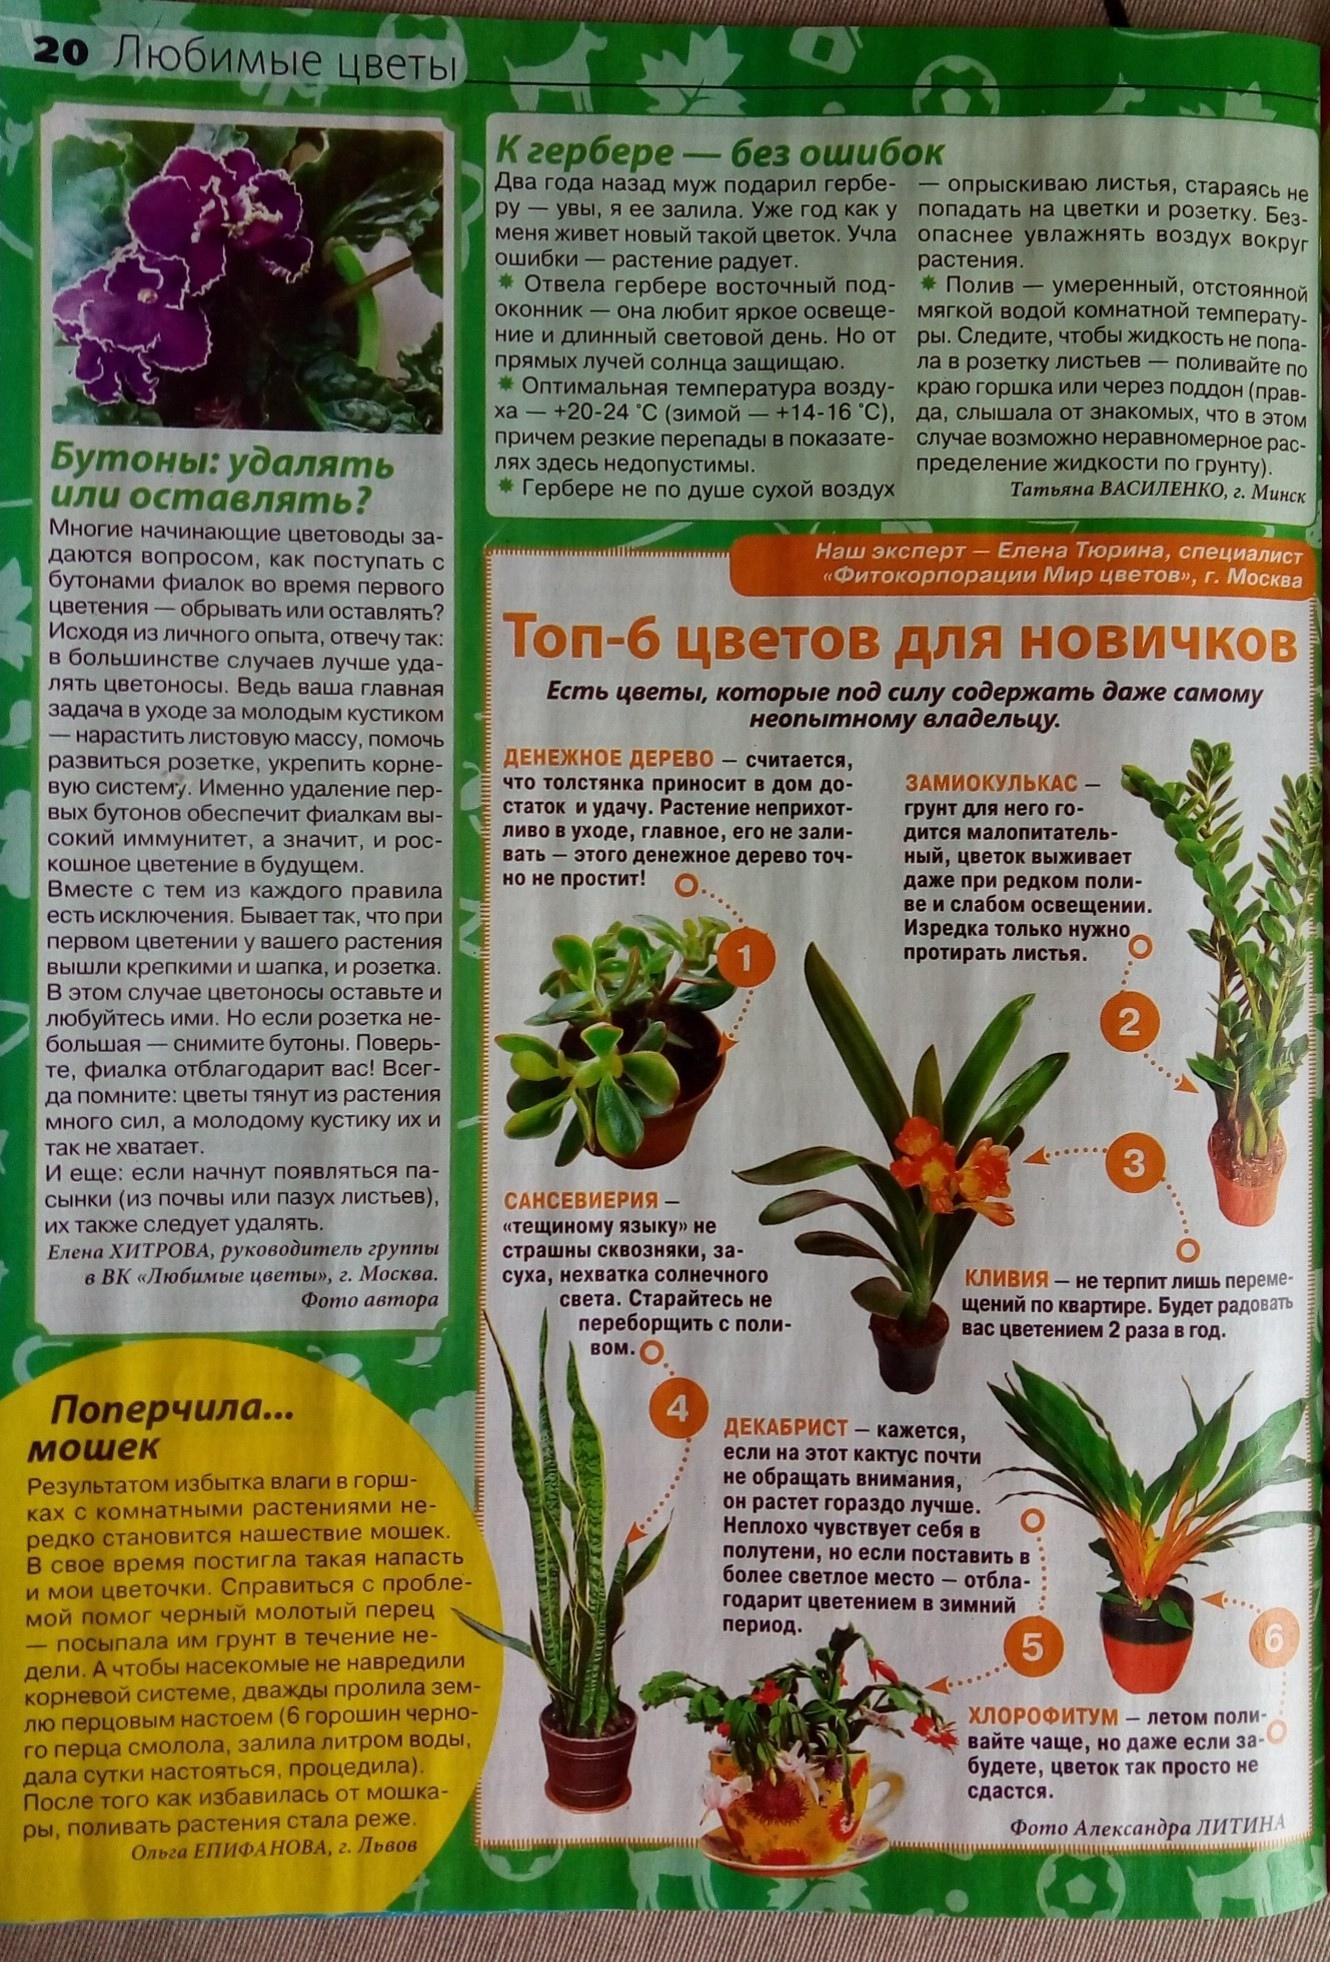 статьи о растениях из  газет и журналов - Страница 8 VRwGkfWy-8w